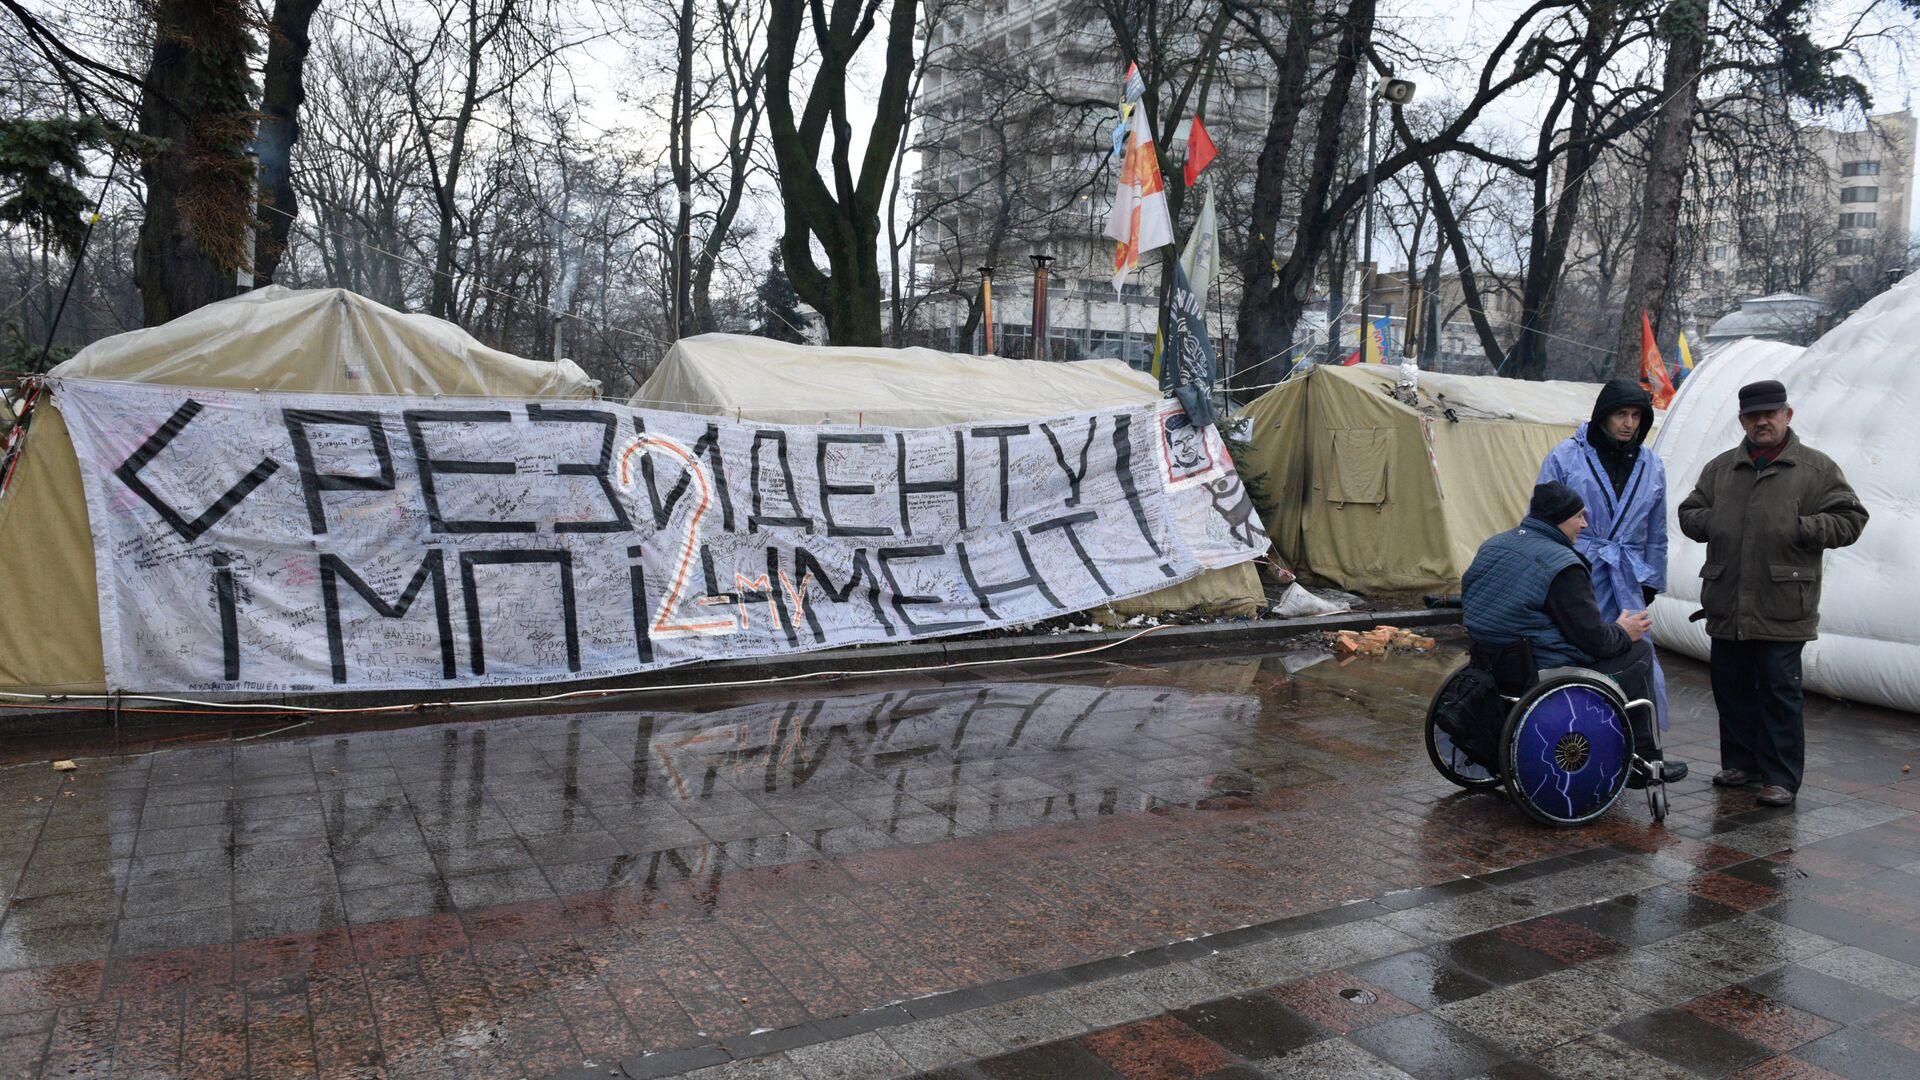 Сторонники М. Саакашвили разбили палаточный городок в центре Киева - Sputnik Latvija, 1920, 13.10.2021